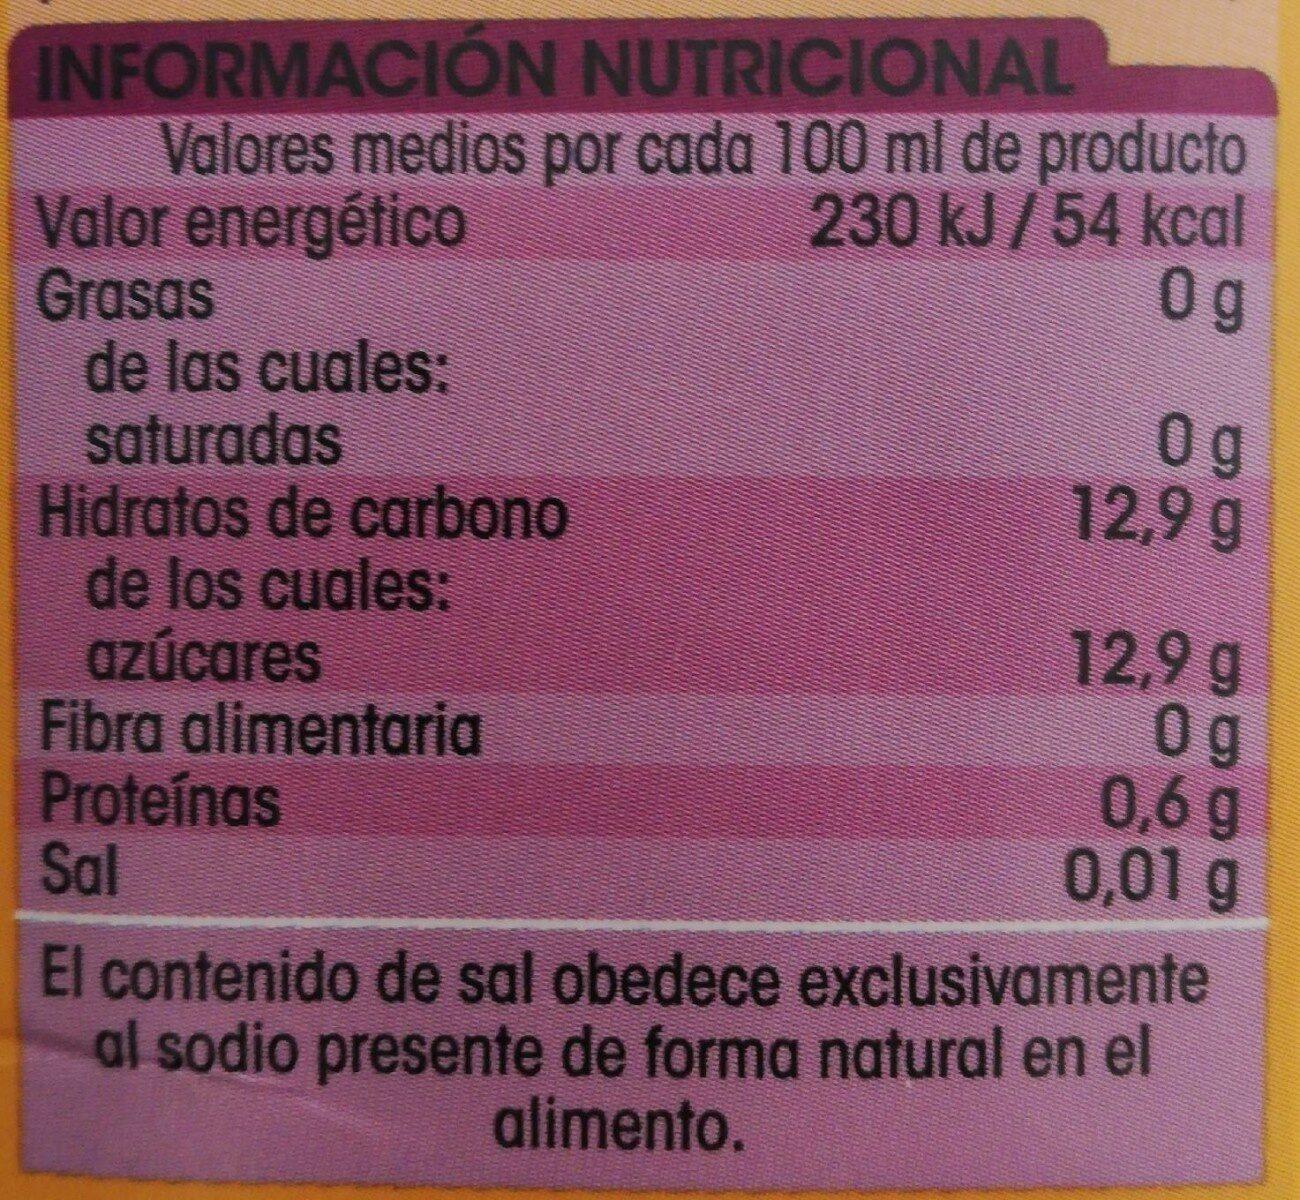 Zumo de piña y uva - Información nutricional - es